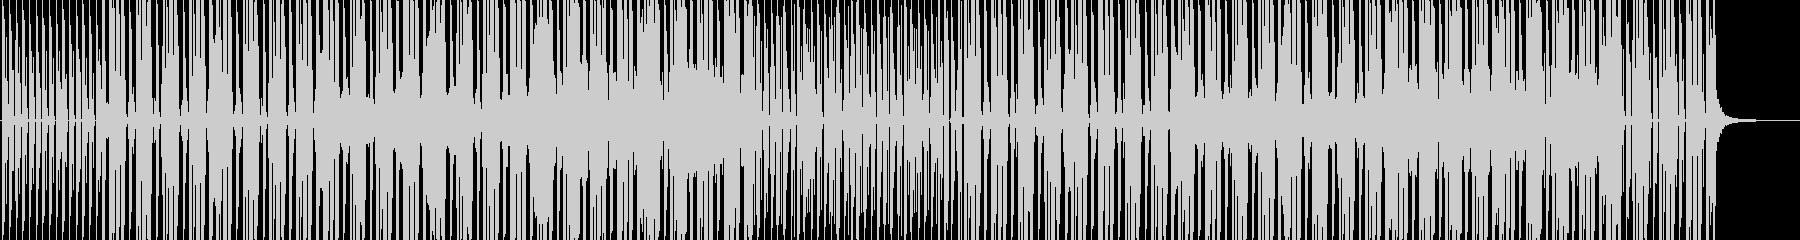 ベースラインが印象的なダンスミュージックの未再生の波形